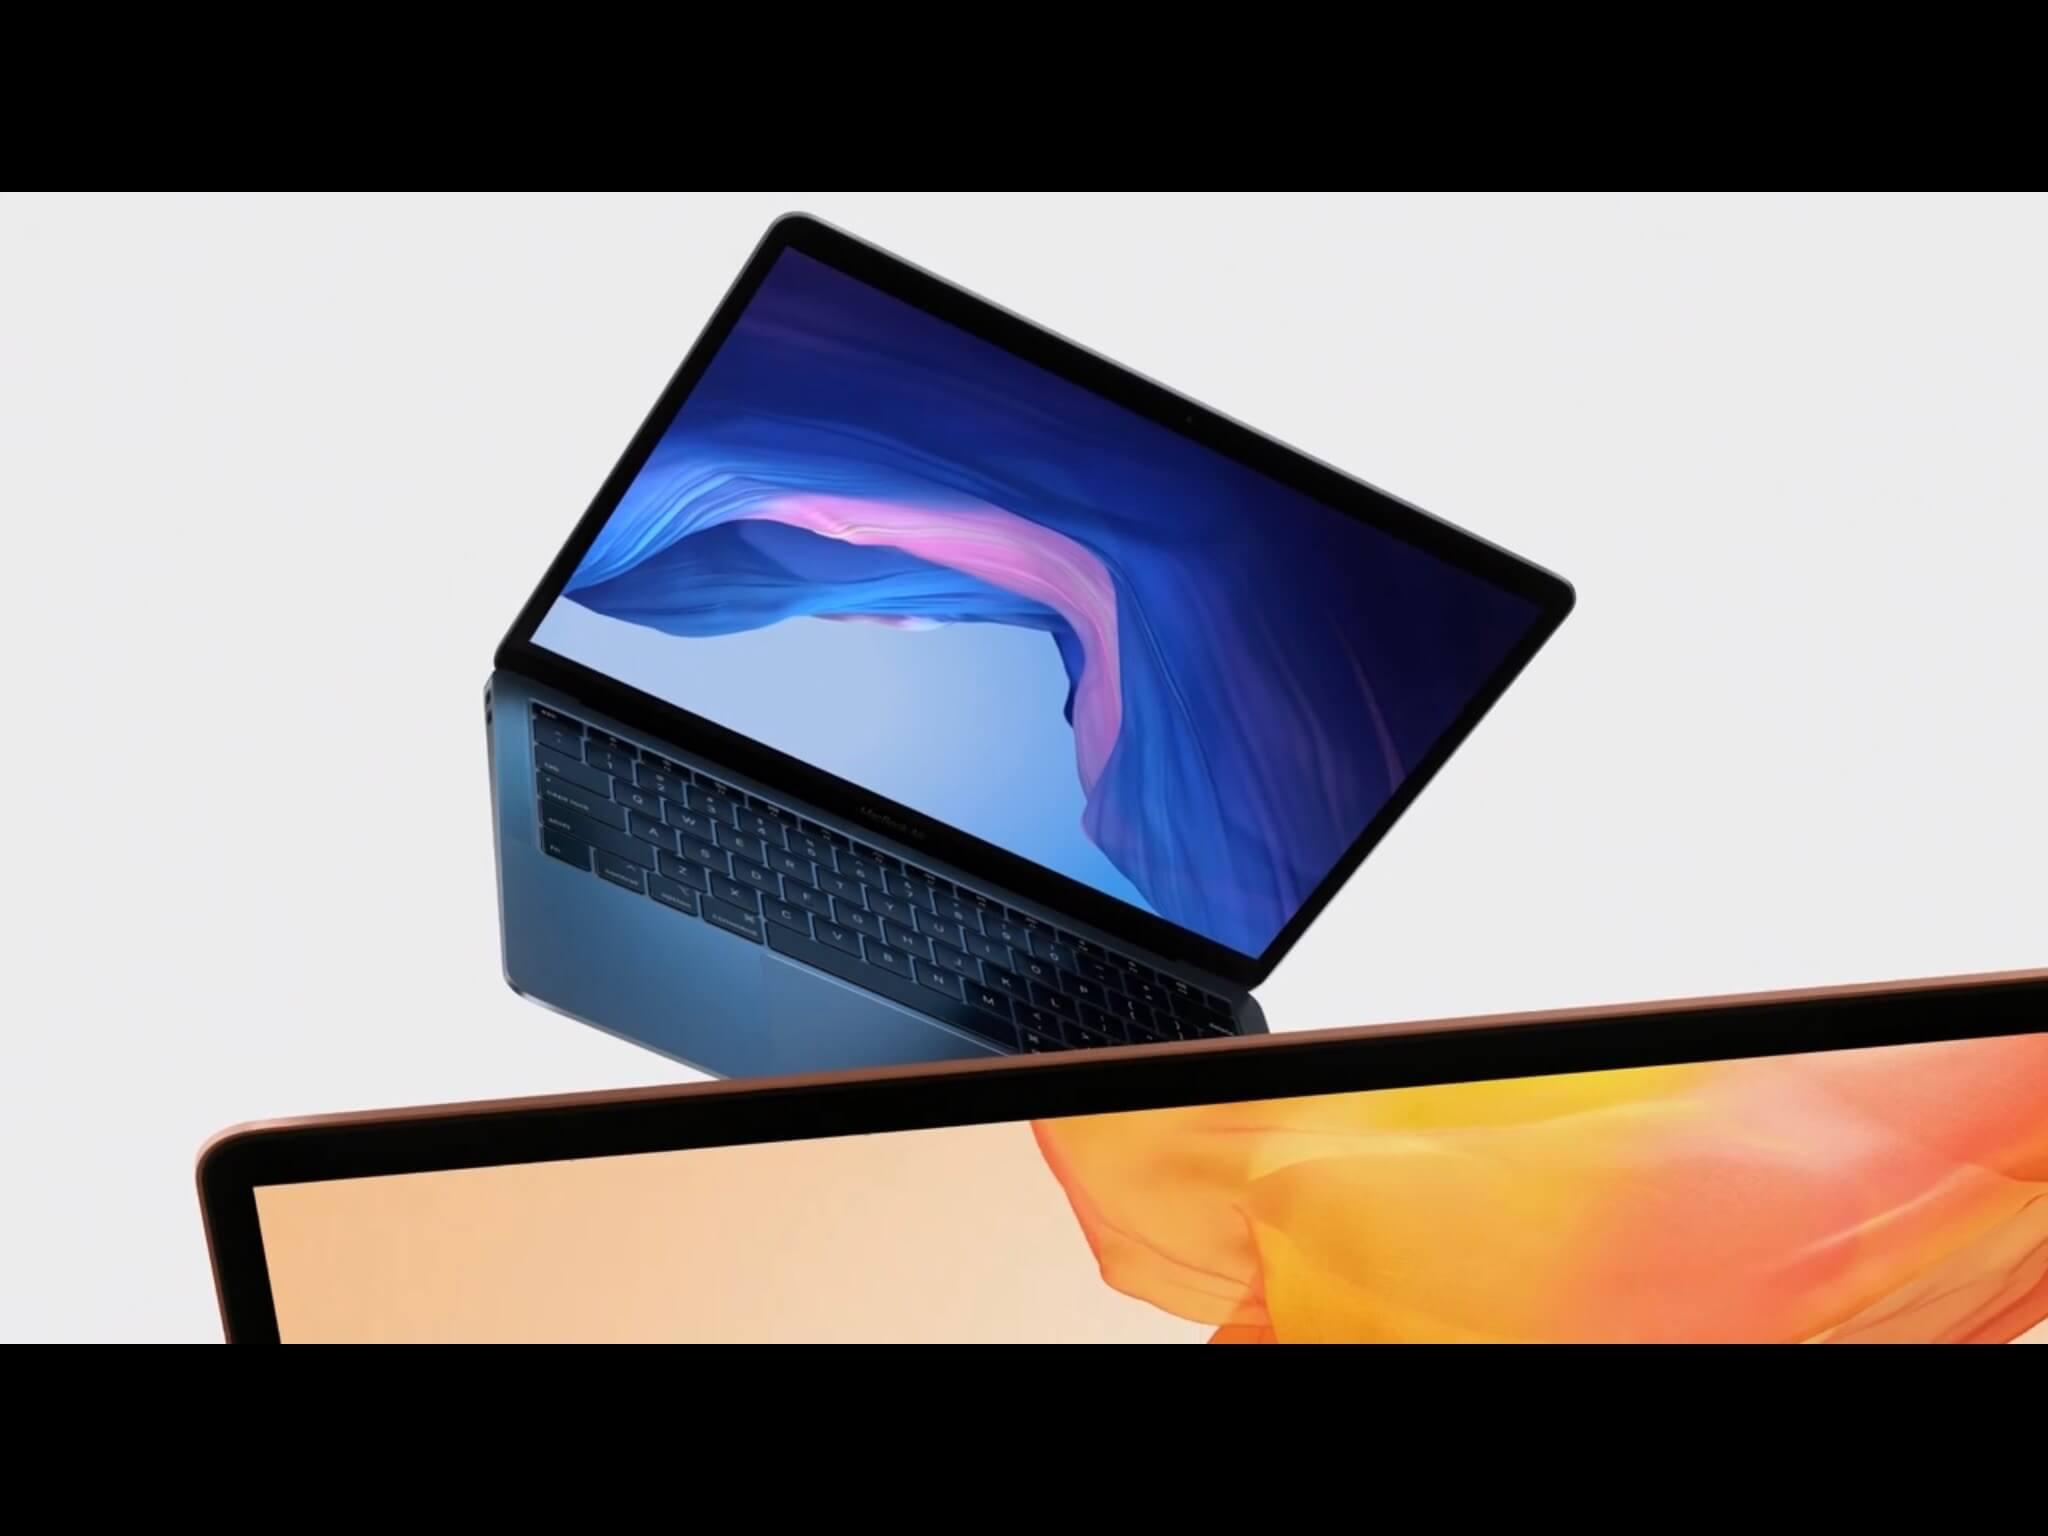 MacBook Air 2018 in Grau und Rot